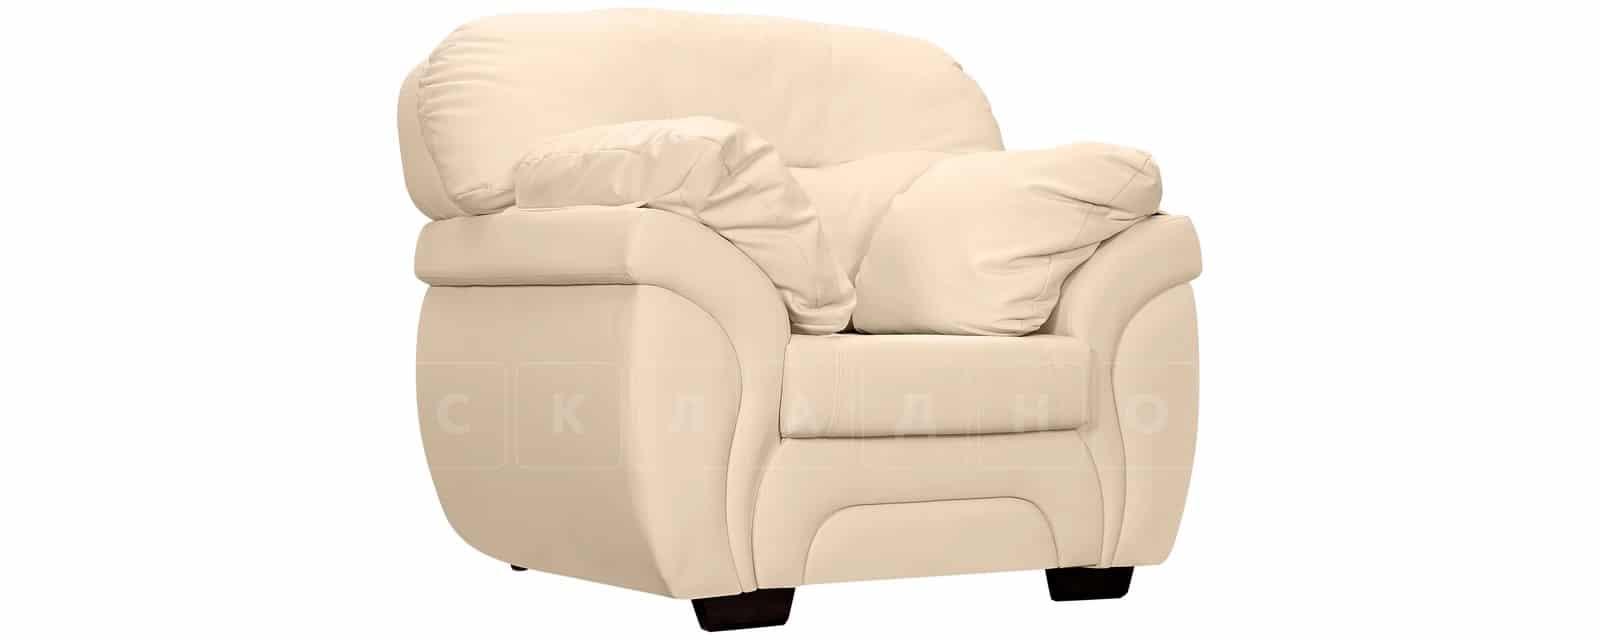 Кресло Бристоль кожаное бежевого цвета фото 1 | интернет-магазин Складно